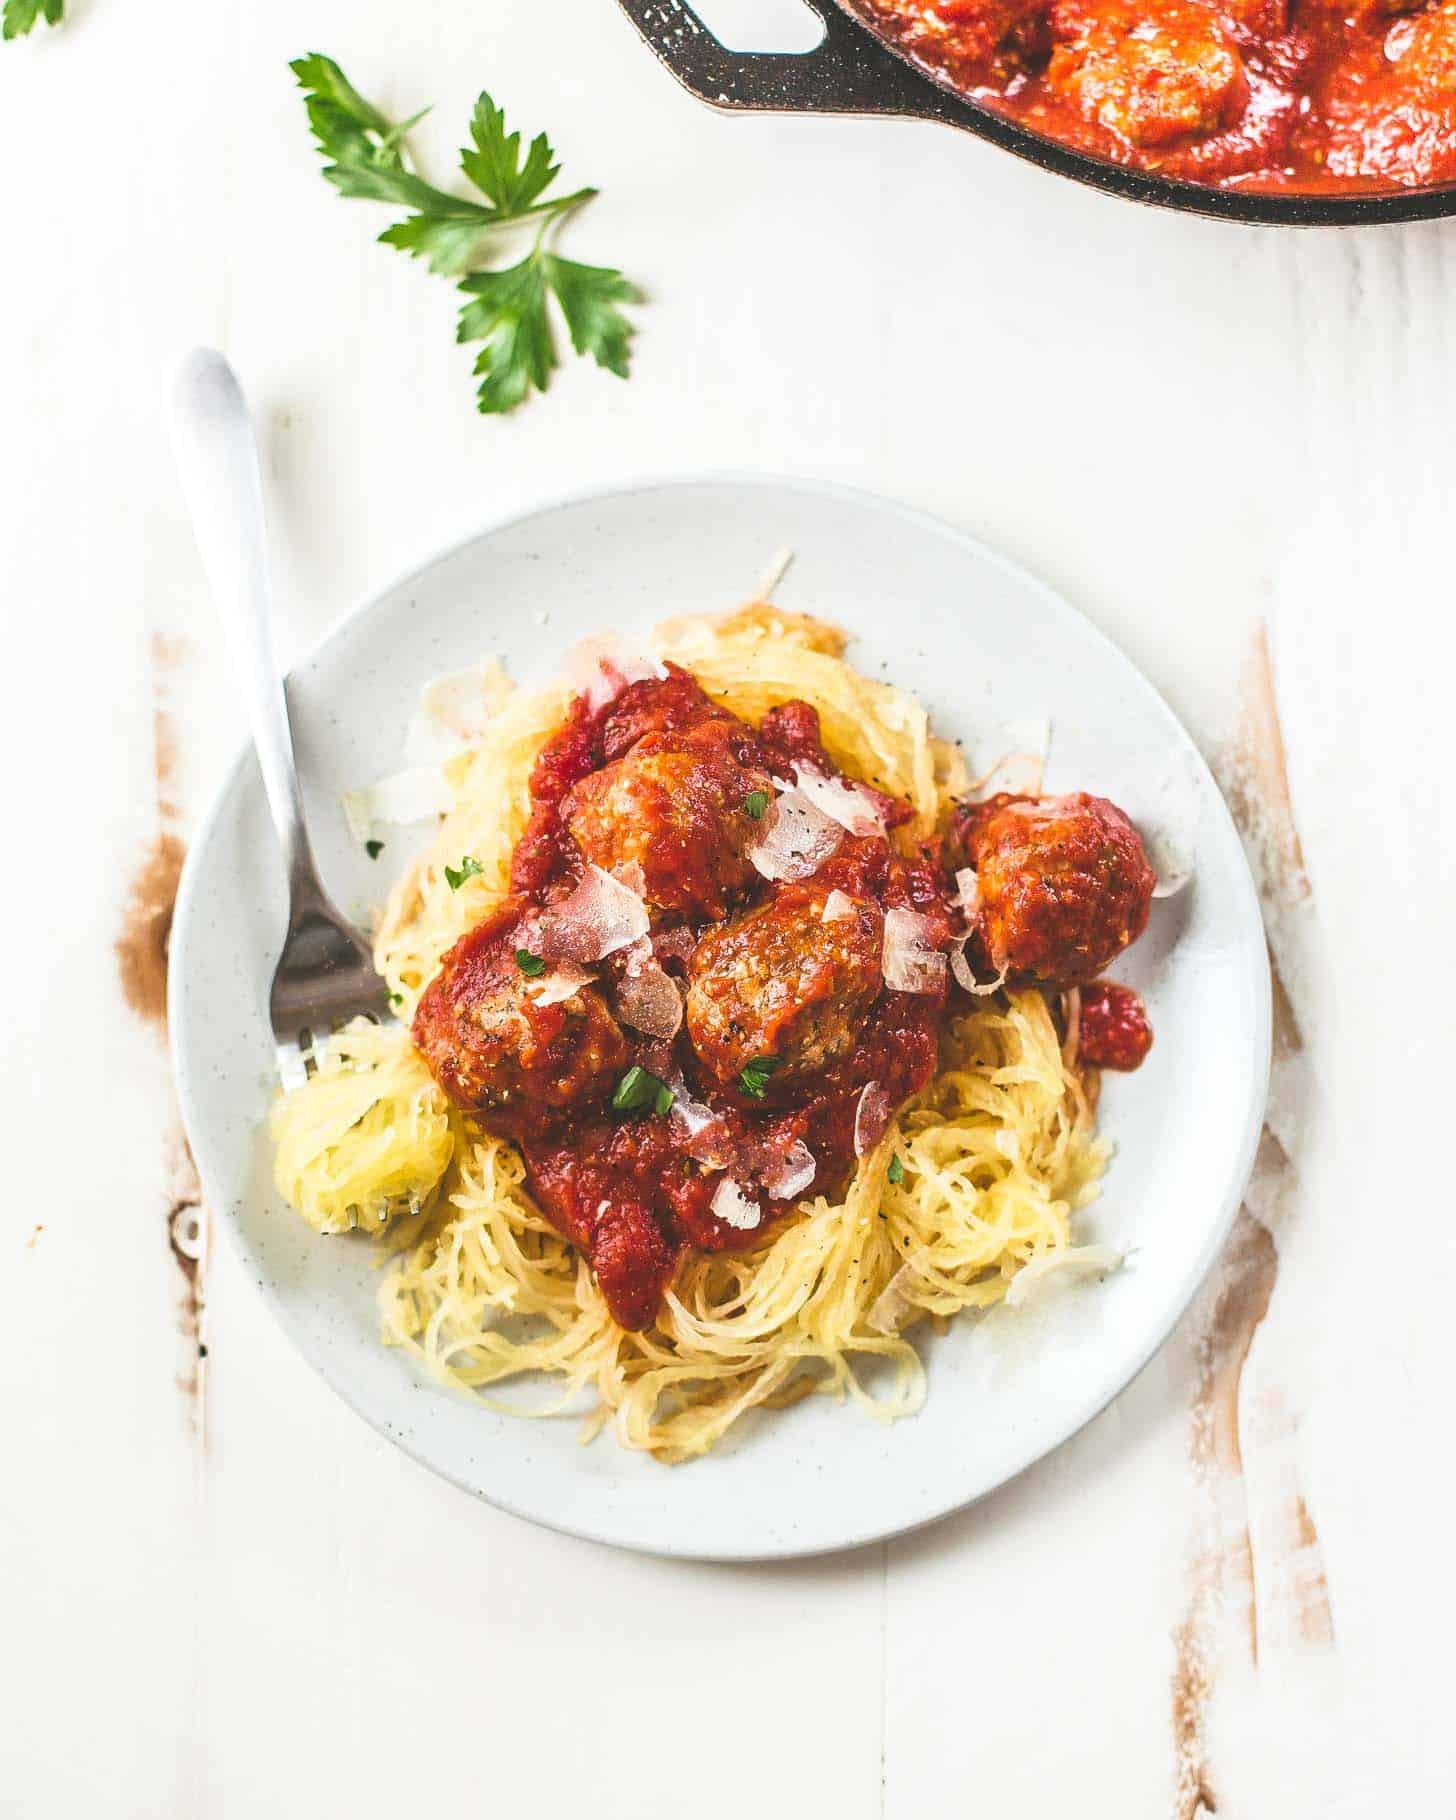 Italian Turkey Meatballs over pasta on a white plate